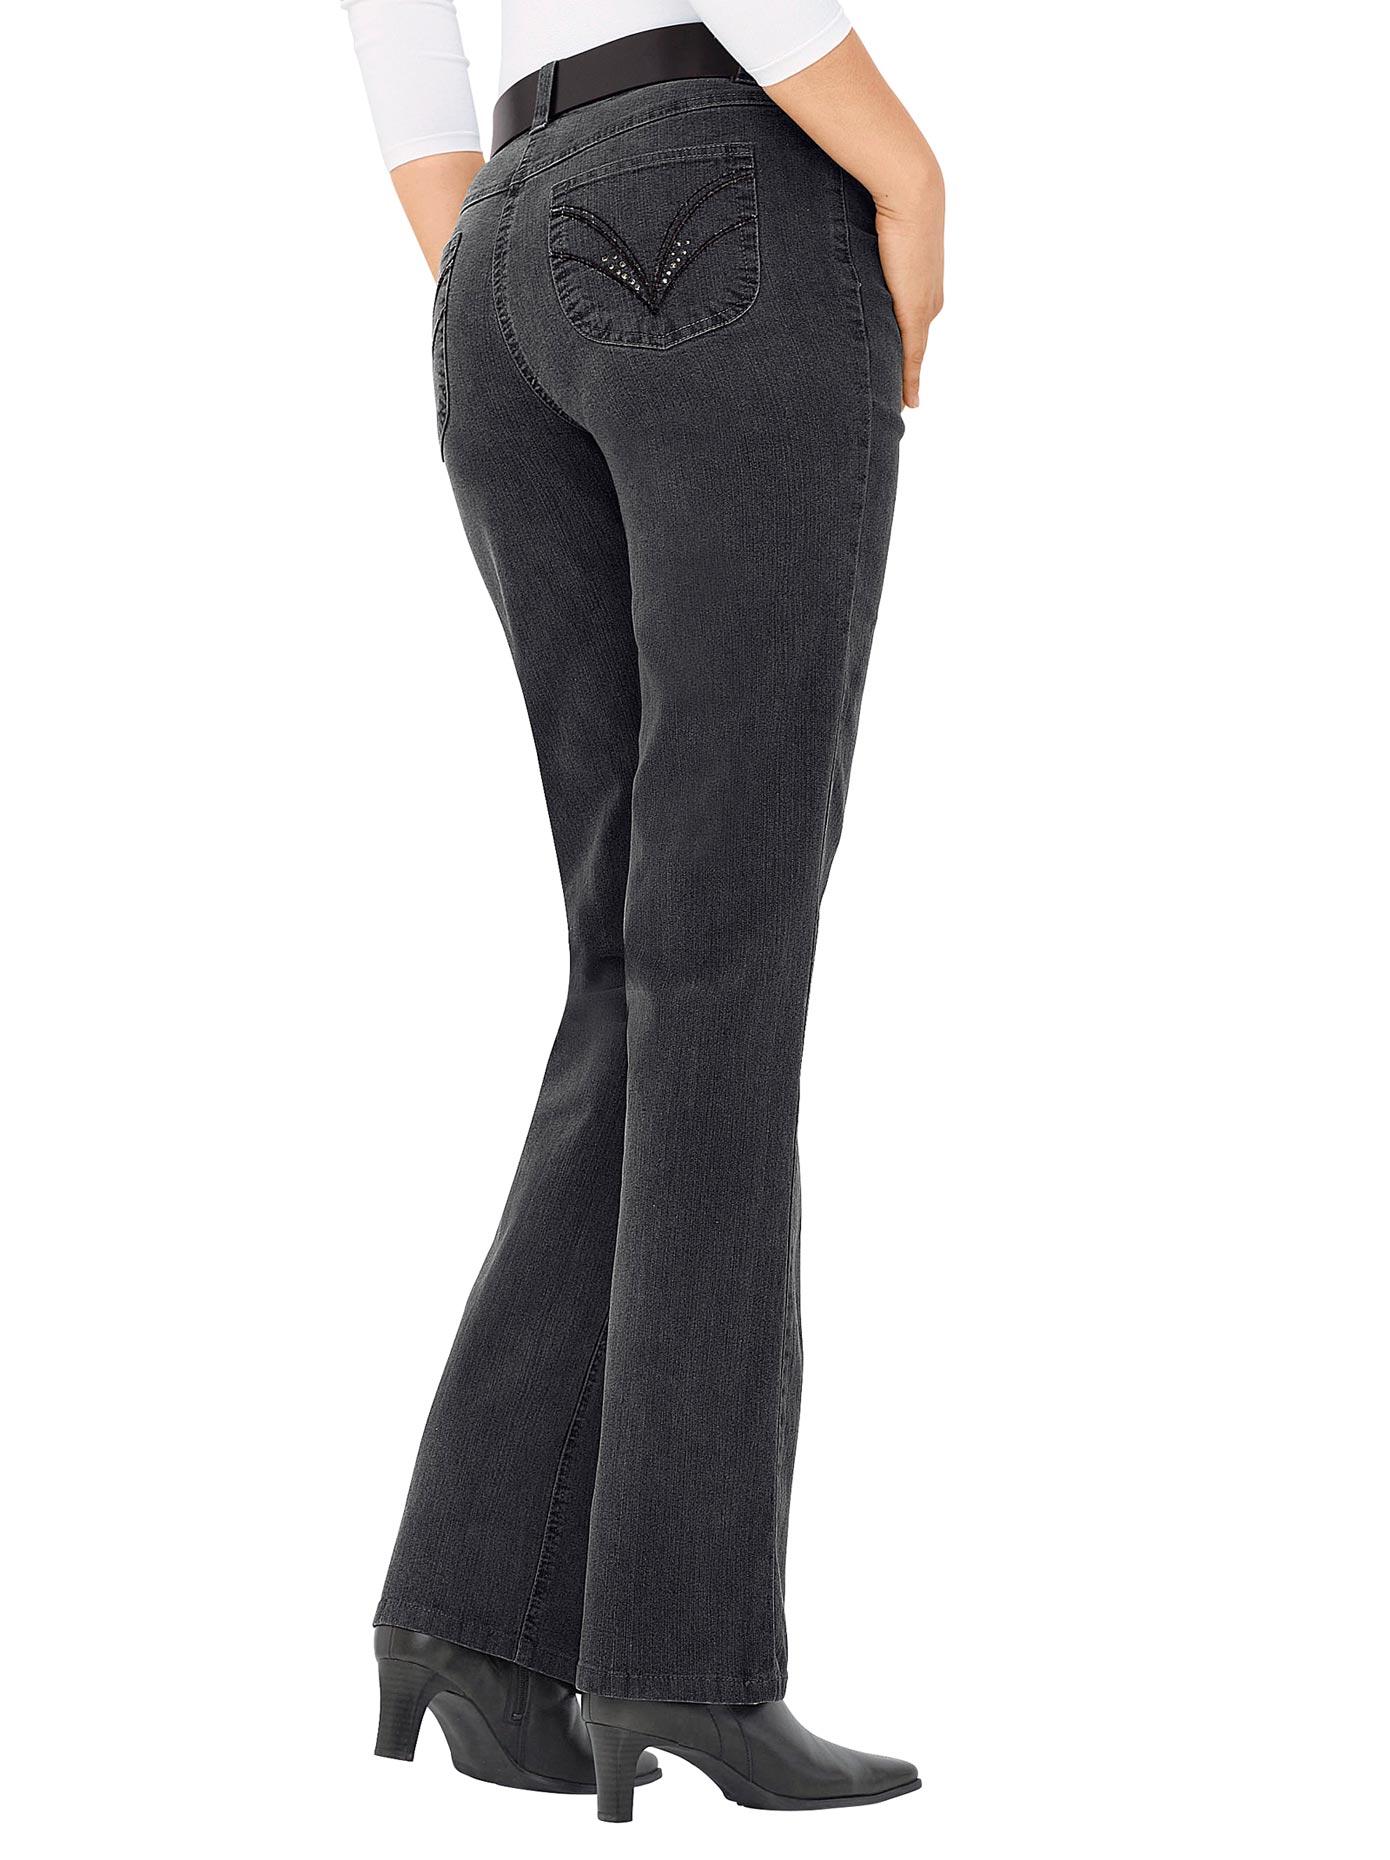 AMBRIA Jeans 6941938439460 jetztbilligerkaufen.de